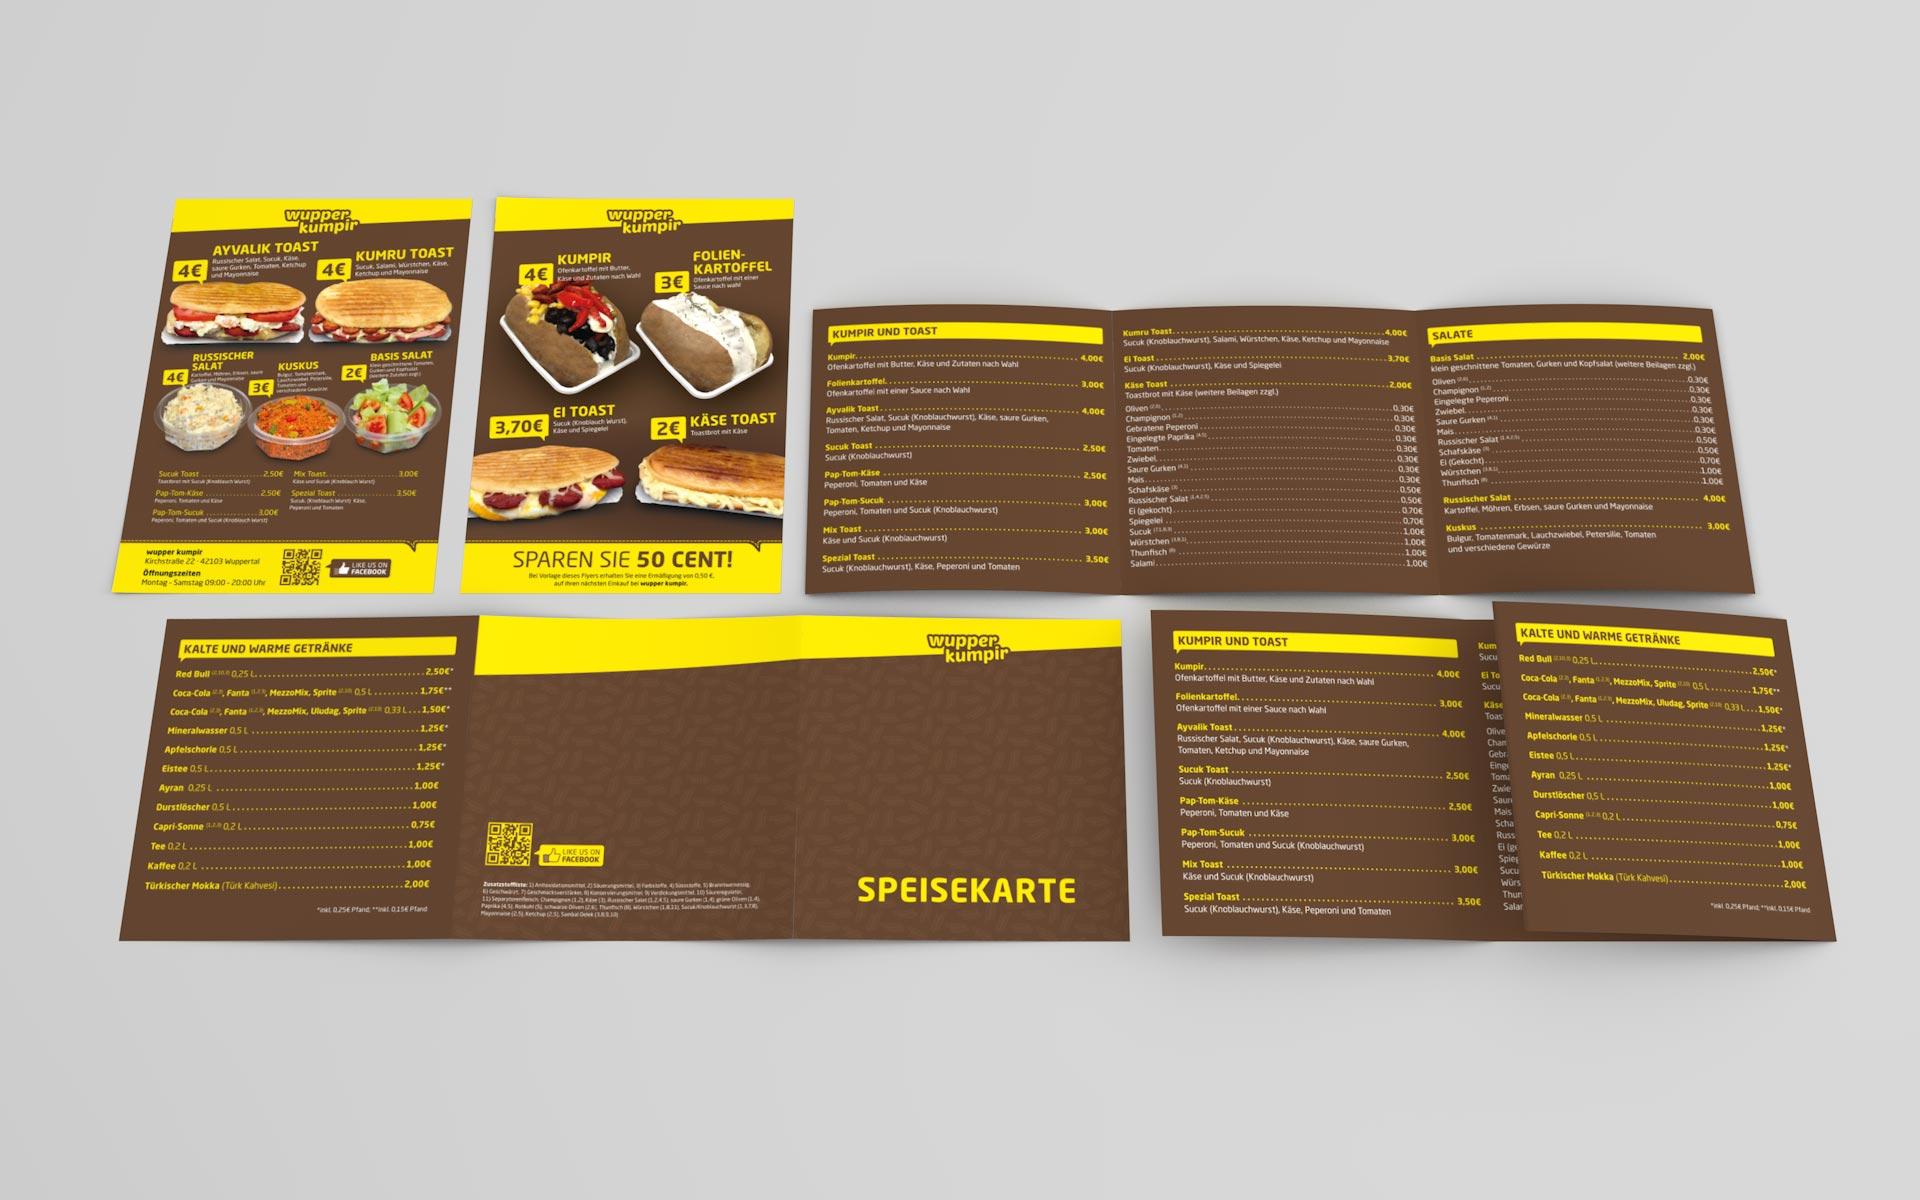 Flyer und Speisekarte für wupper kumpir